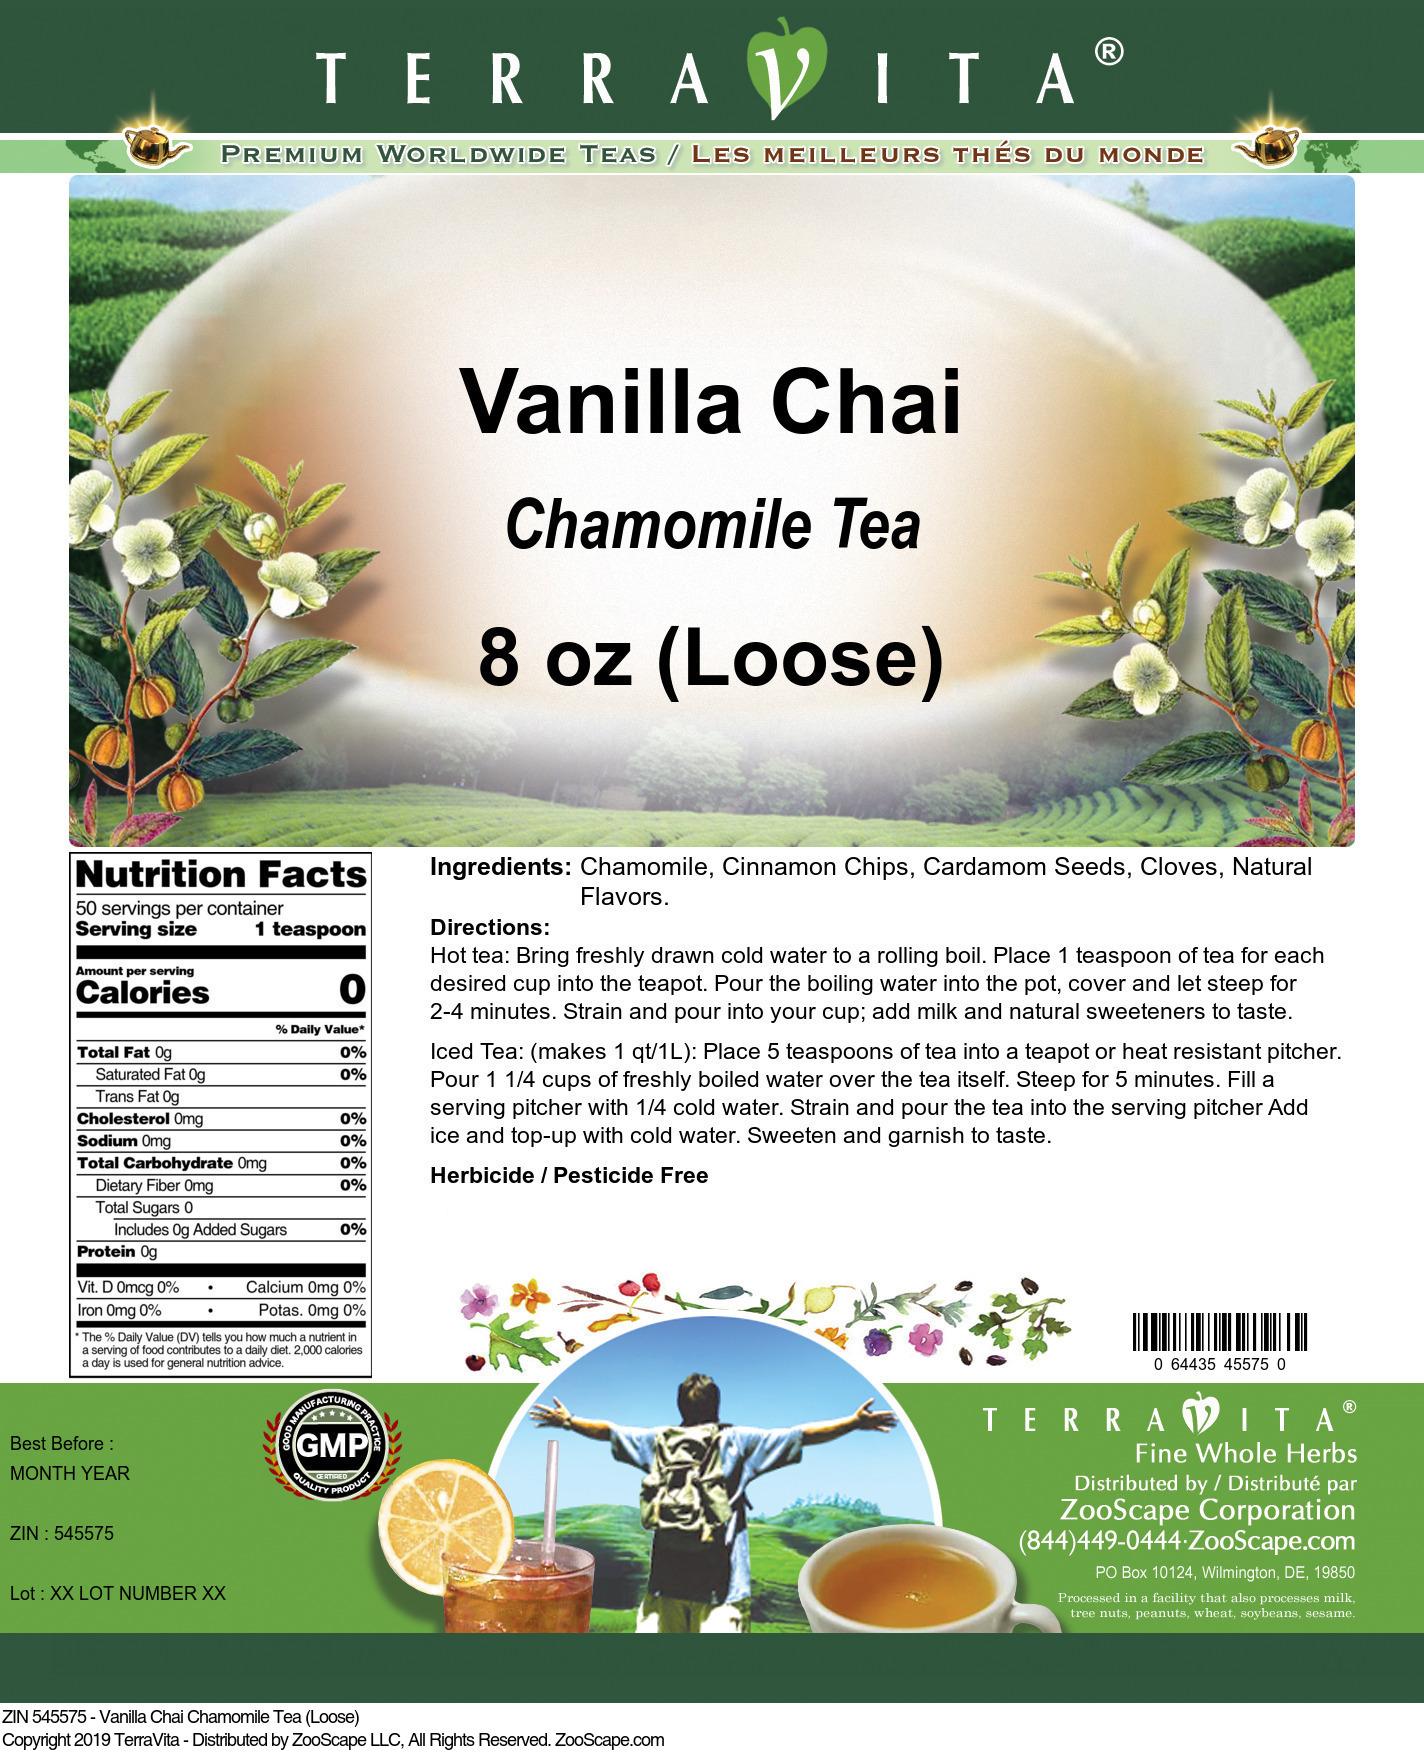 Vanilla Chai Chamomile Tea (Loose)